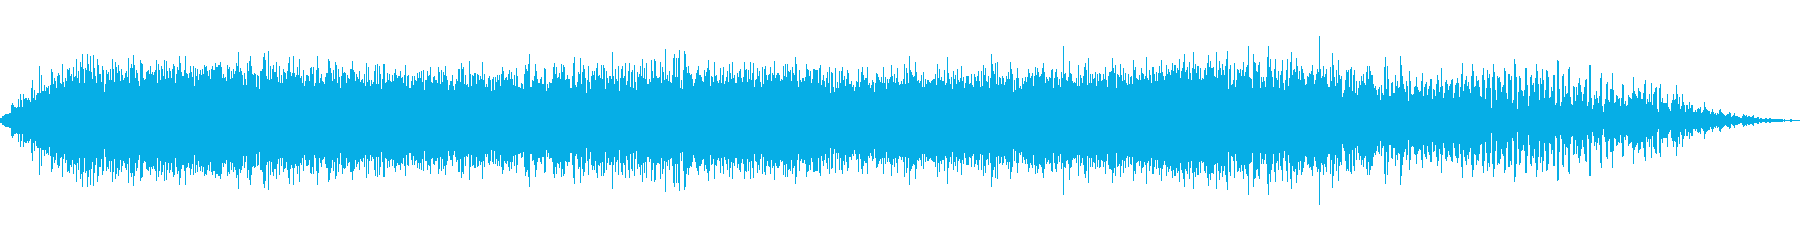 大きなうなり声2の再生済みの波形